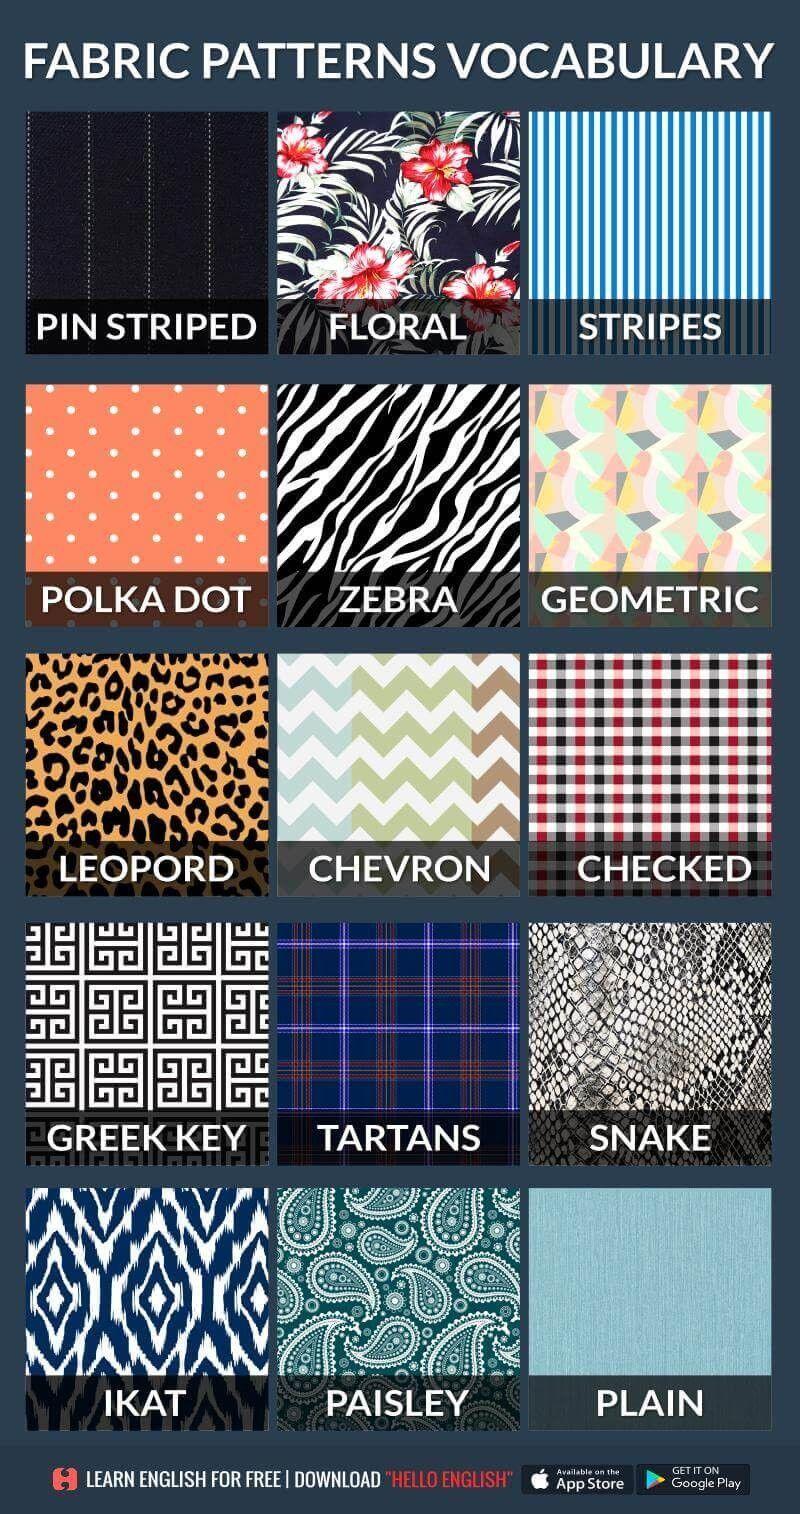 Fabric Patterns Vocabulary Clothing Fabric Patterns Fashion